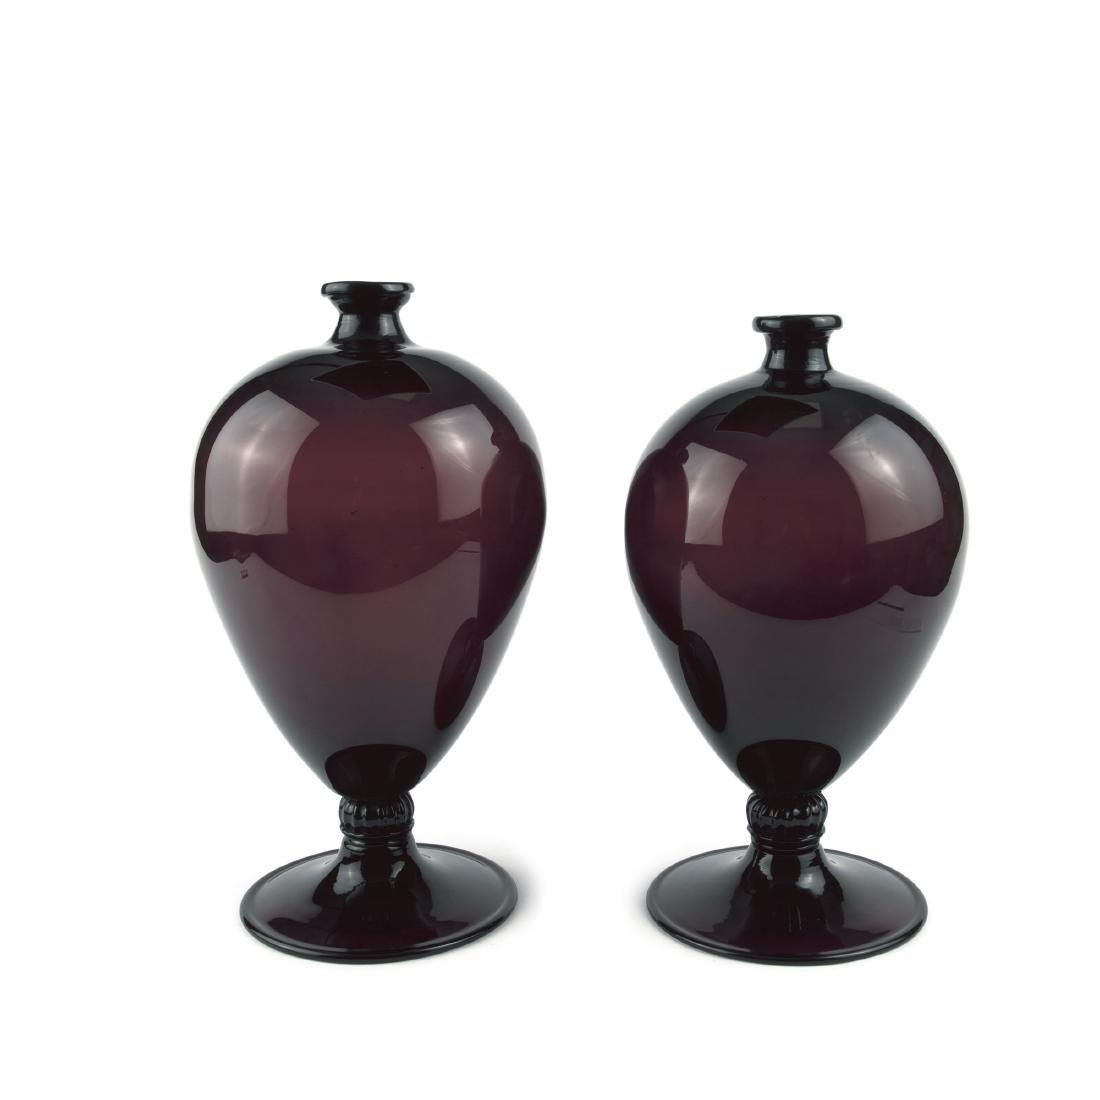 Two 'Veronese' vases, 1921/22